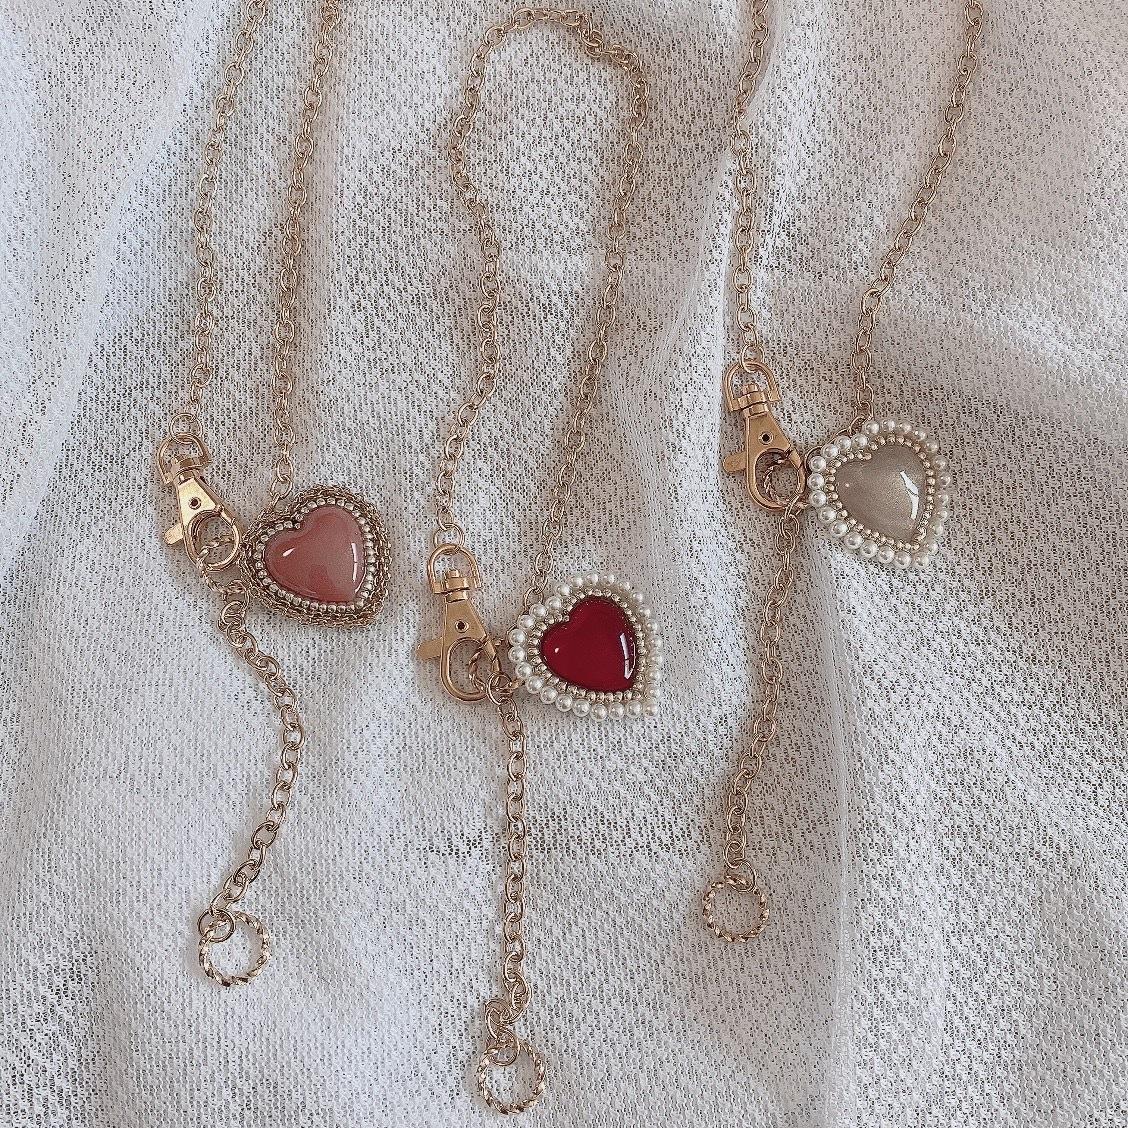 リコレハート ネックレス(terracotta・ruby red・gold)